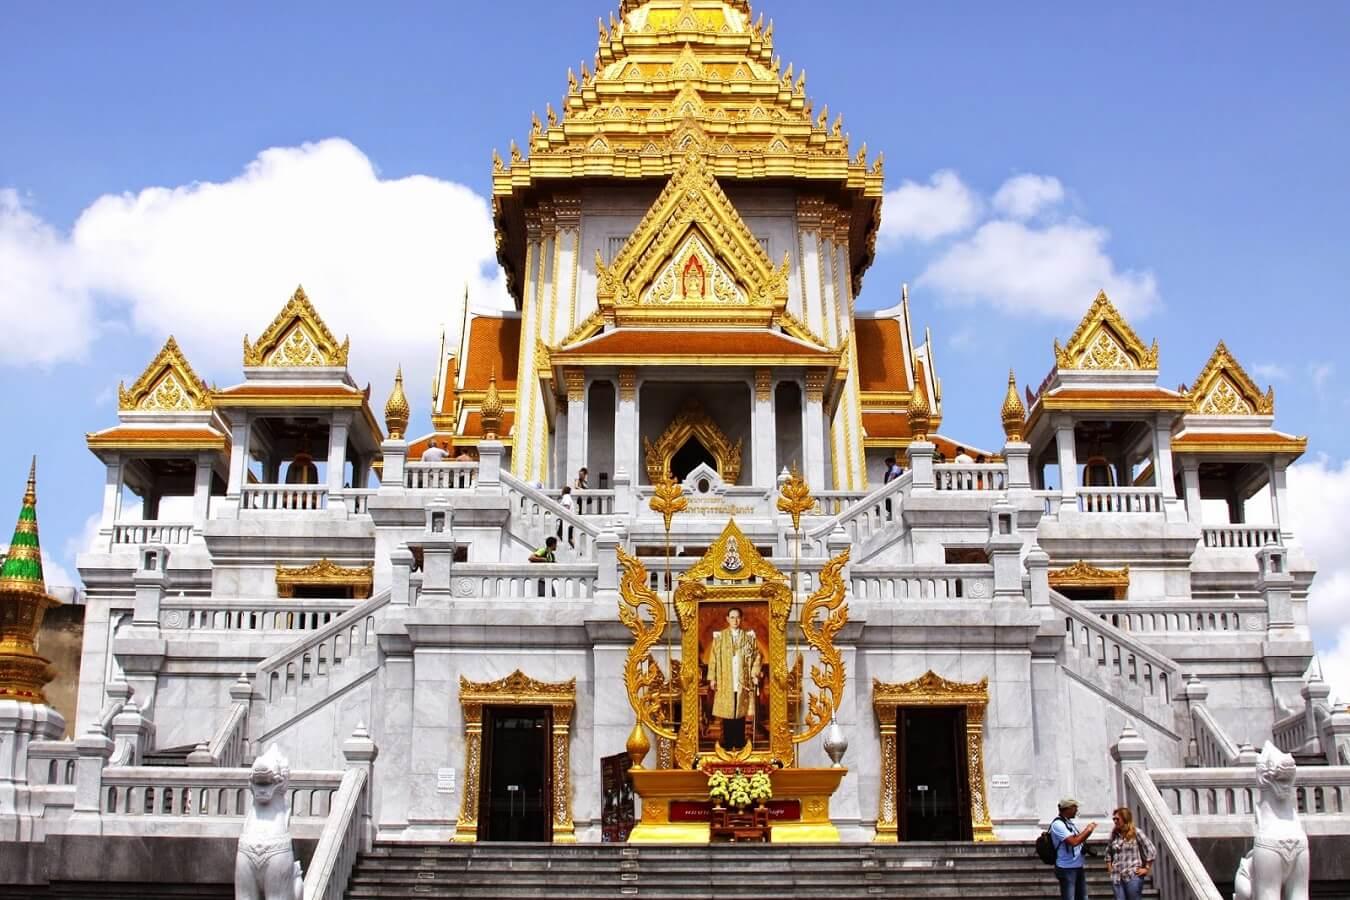 Cầu may năm mới tại Chùa Phật Vàng tại Thái Lan